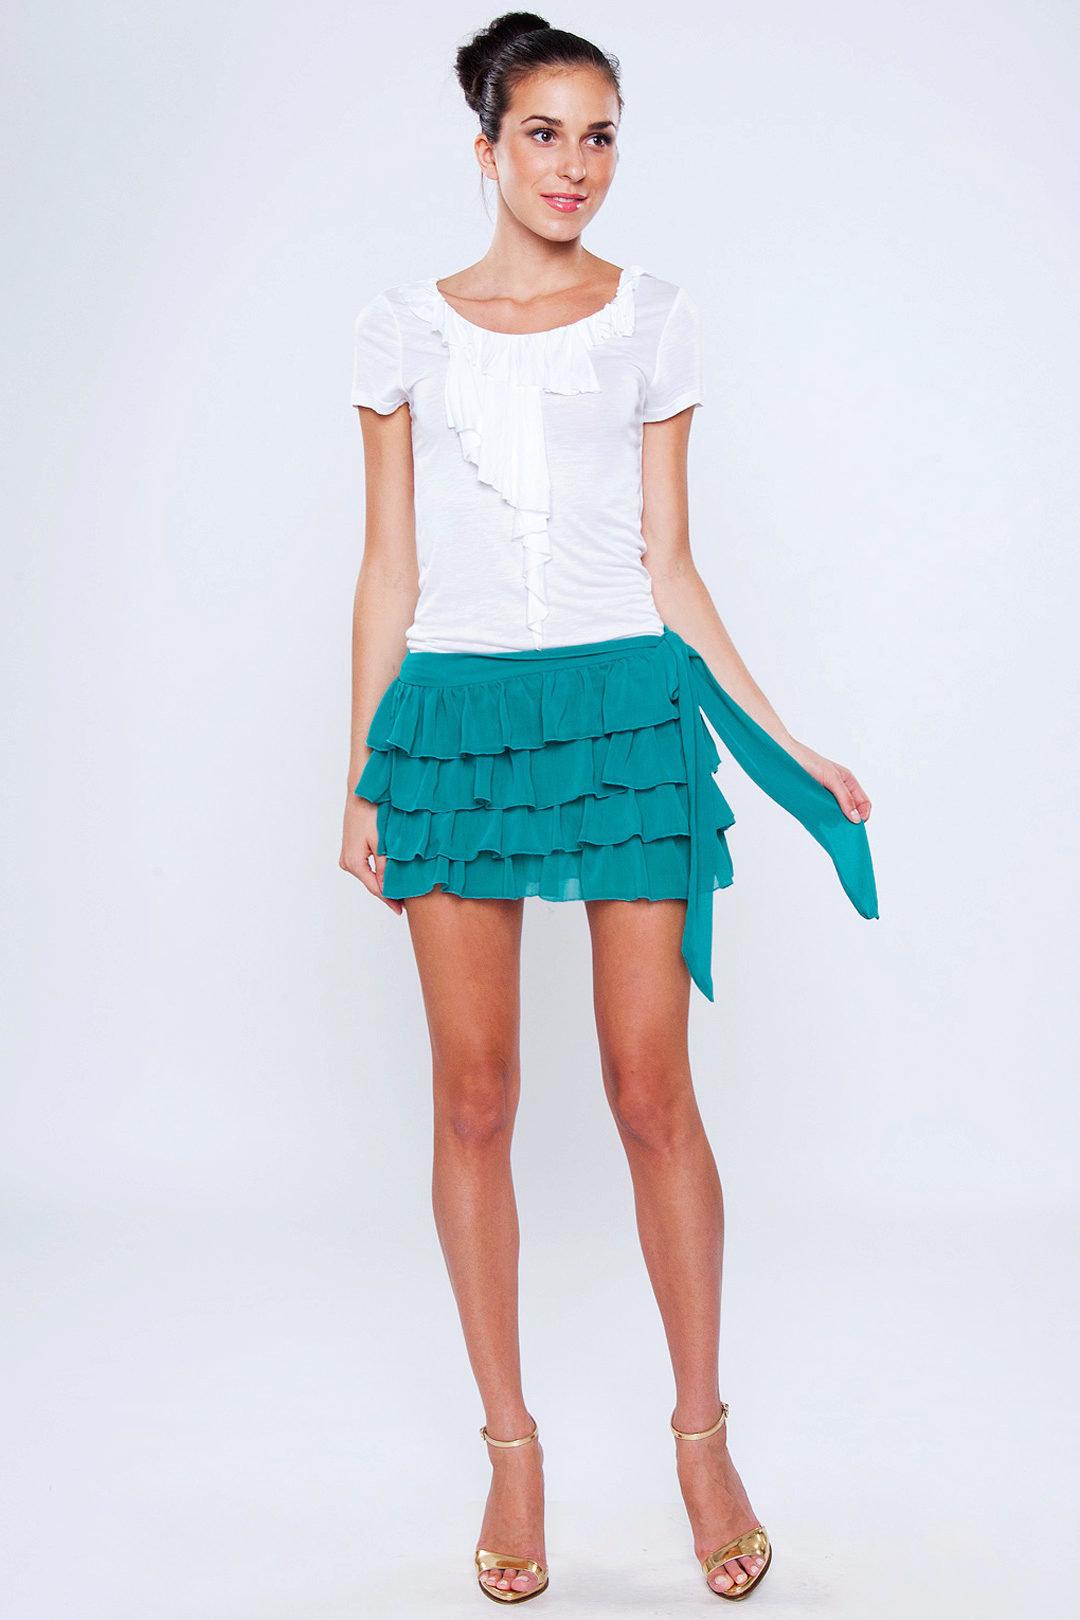 гостям юбки с рюшами фото сомневайтесь предложенных